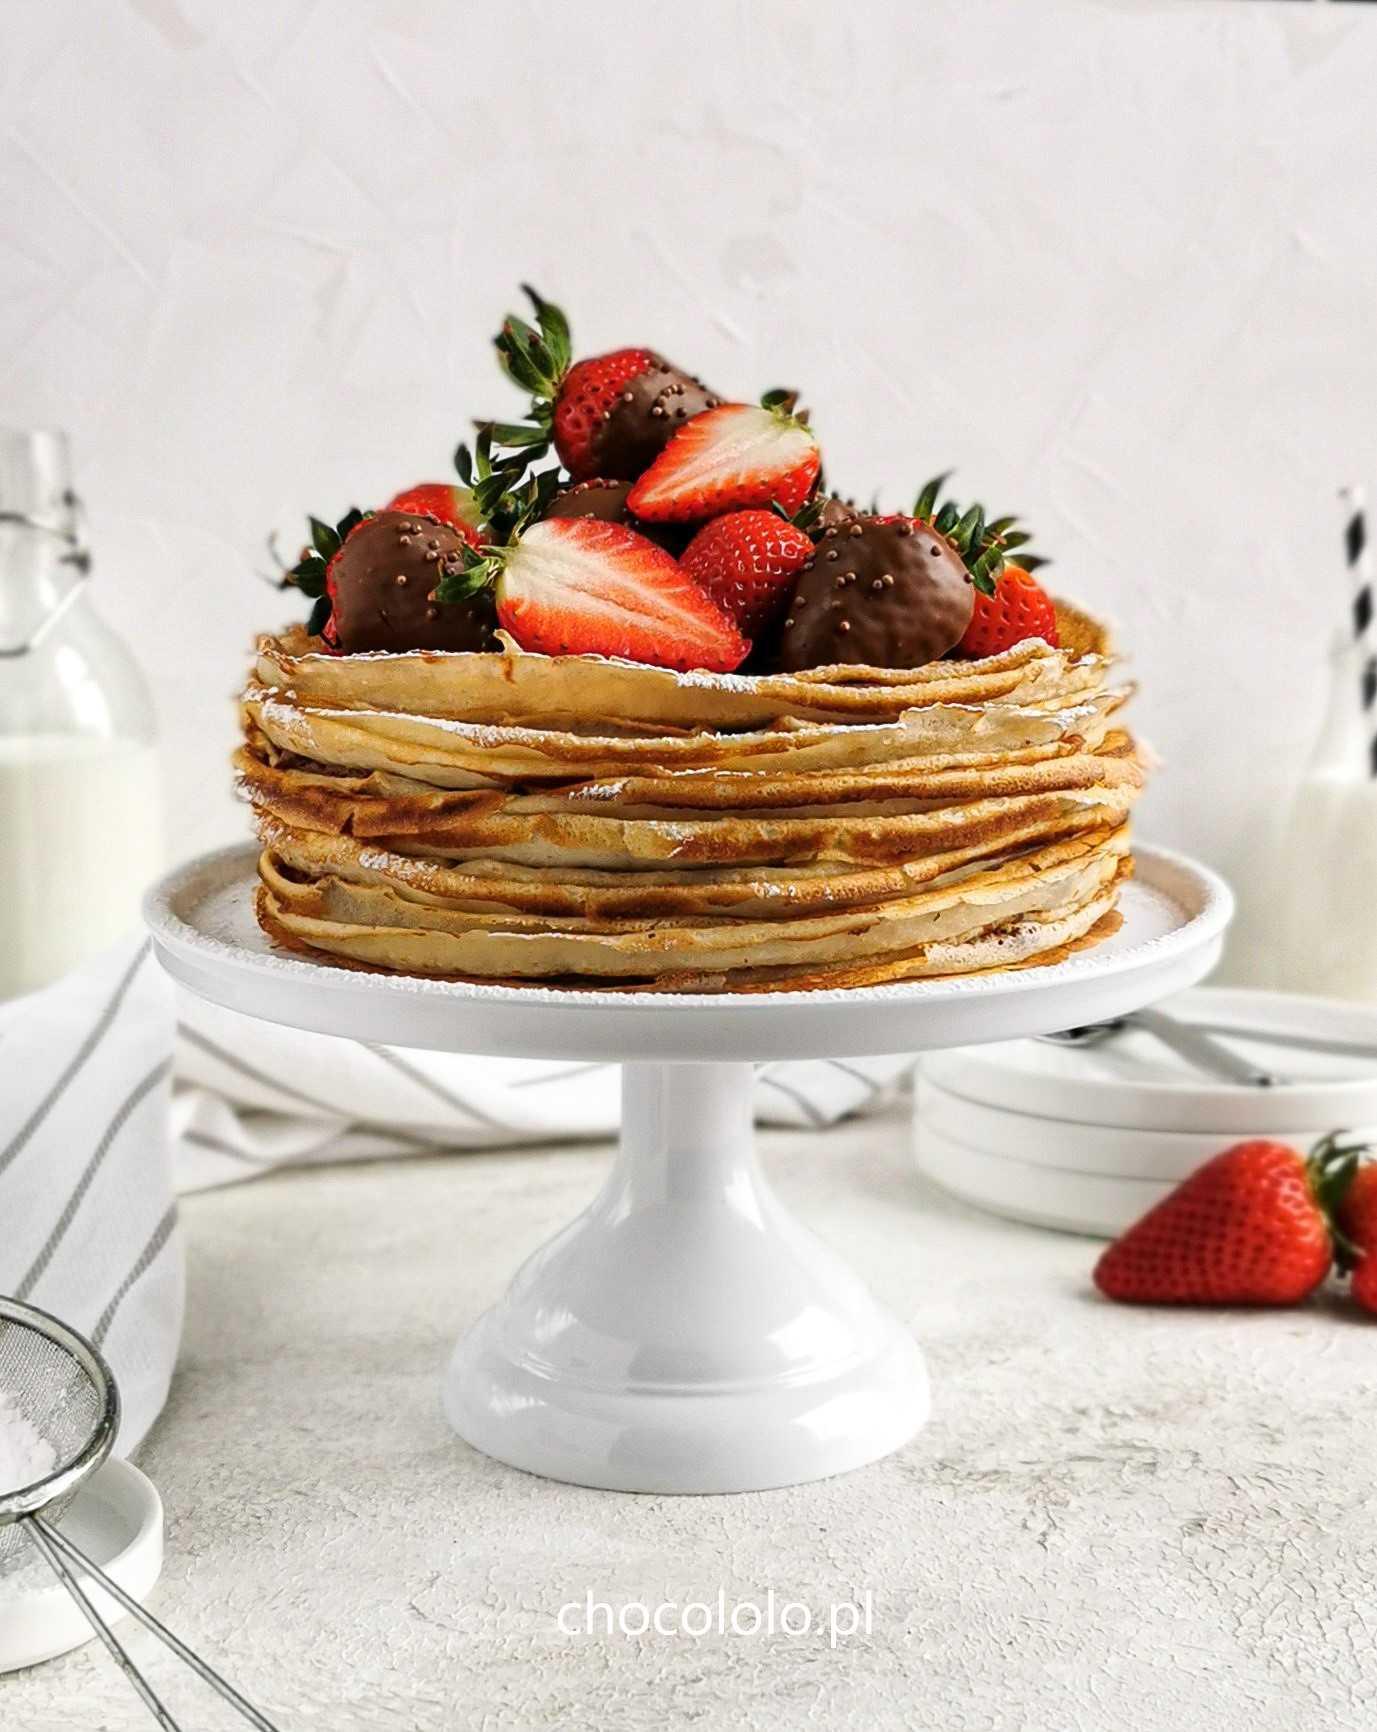 tort naleśnikowy z czekoladowym twarożkiem 1